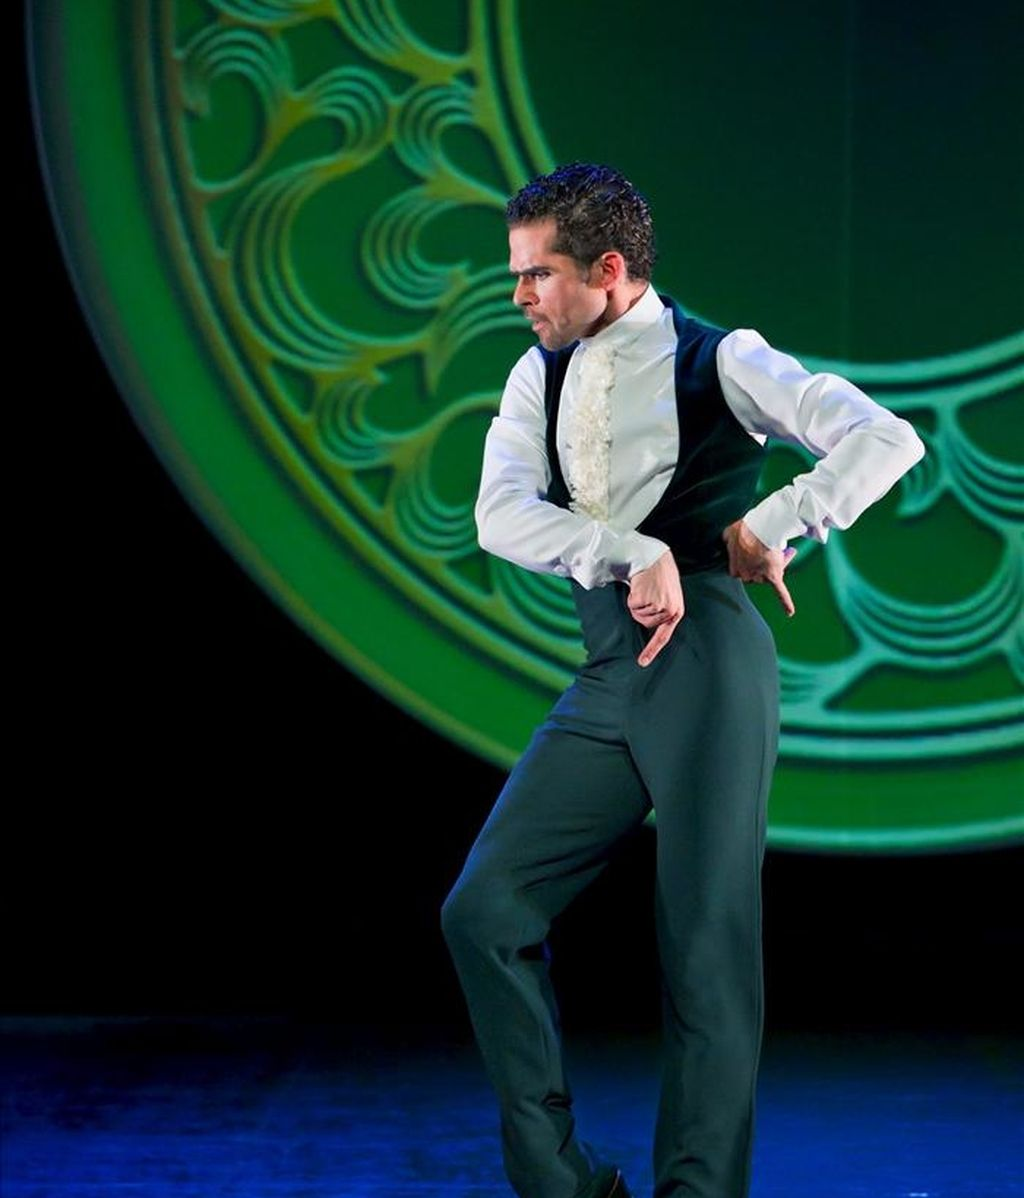 """Fotografía facilitada por la Compañía Antonio Najarro, del bailarín y coreógrafo español Antonio Najarro, candidato para dirigir el Ballet Nacional de España, Premio MAX de las Artes Escénicas al Mejor Intérprete Masculino de Danza 2010 por su actuación en """"Jazzing Flamenco"""", obra con la que está de gira en Francia hasta el 9 de marzo. EFE"""